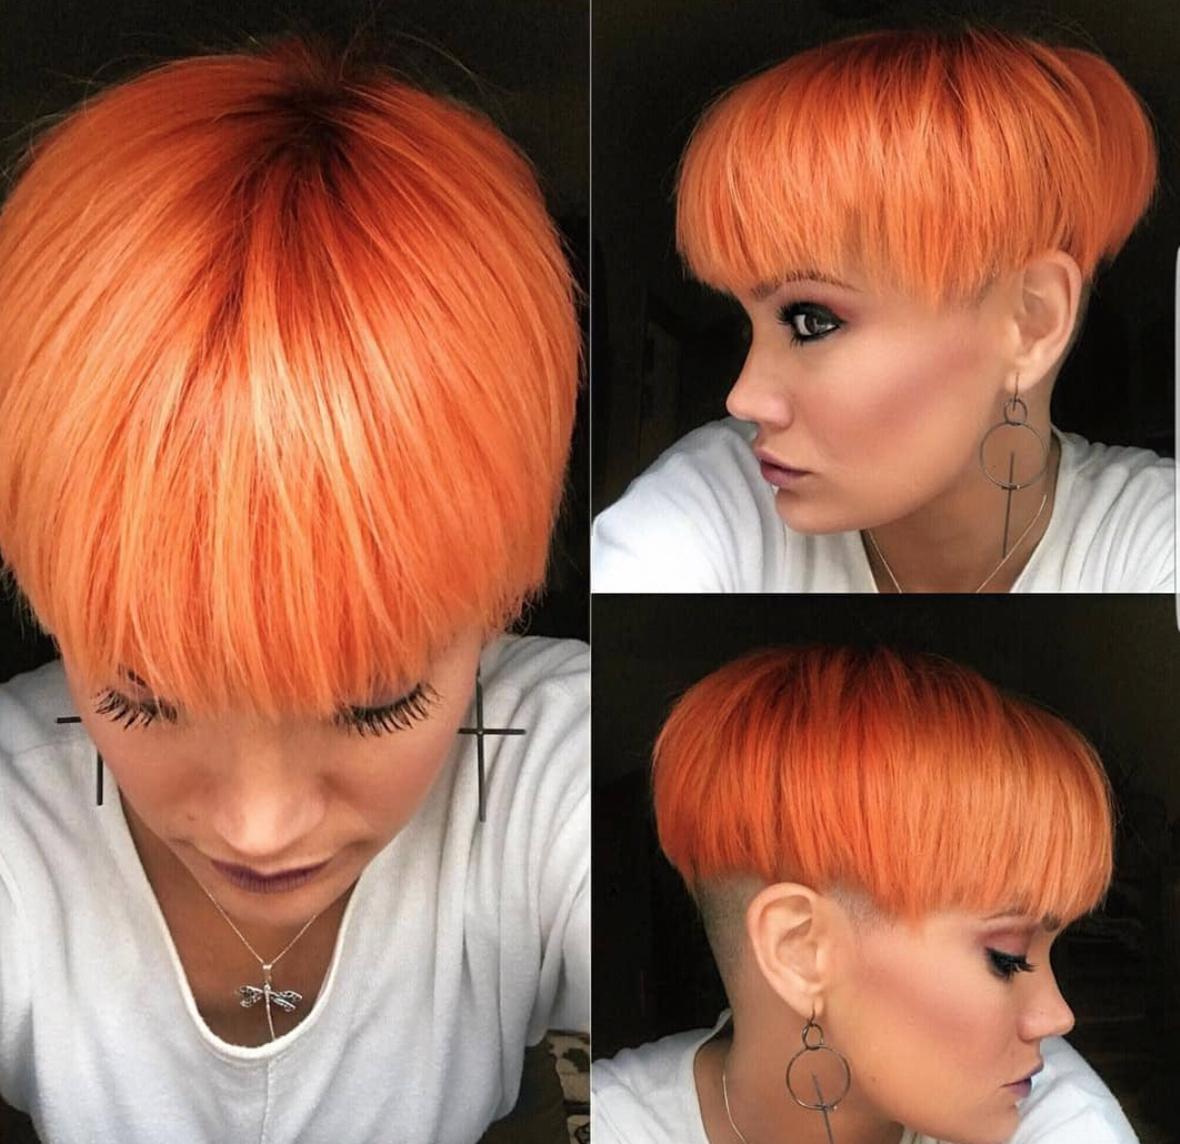 Pin von Simone auf Kurze haare 2017 | Haarschnitt kurze